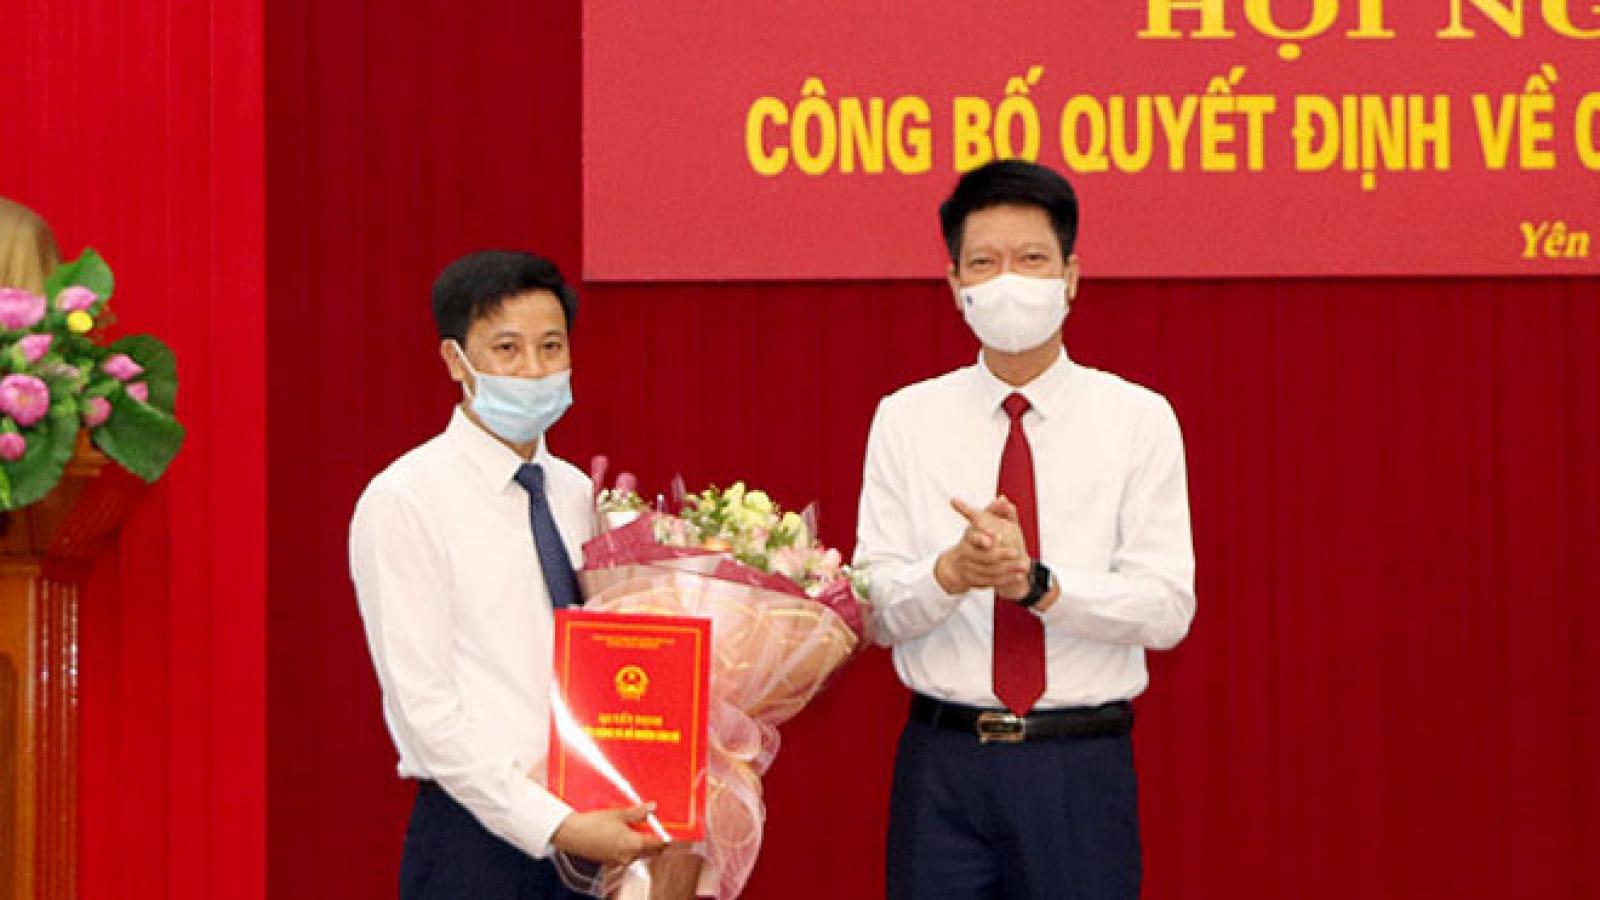 Phó Giám đốc Sở GD-ĐT giữ chức Chánh Văn phòng UBND tỉnh Yên Bái